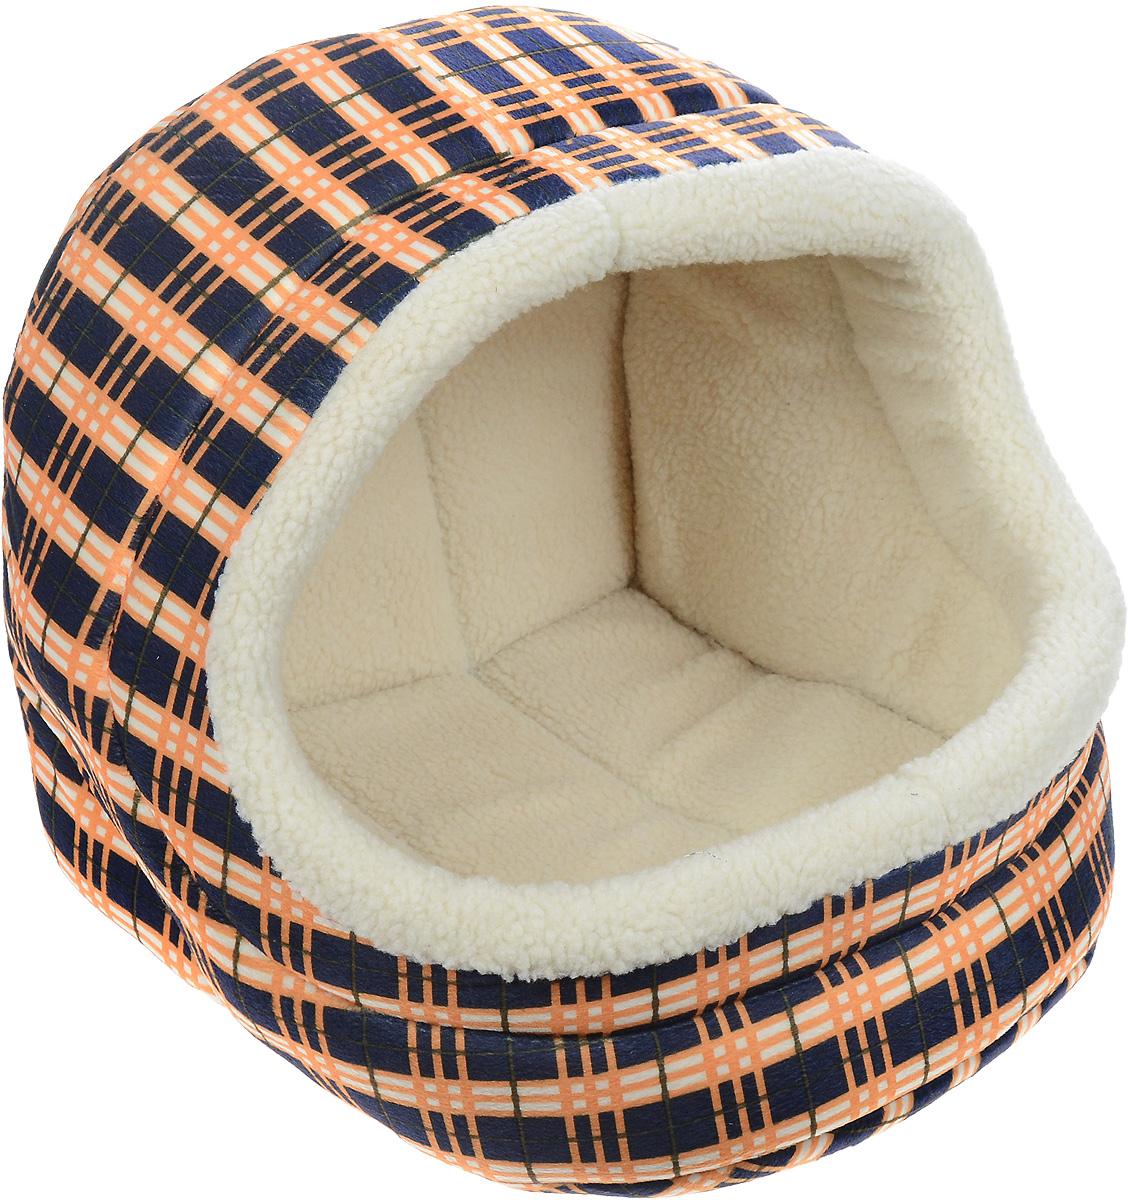 Домик для животных Каскад Клетка. №3, 45 х 40 х 40 см0120710Домик для животных Каскад Клетка. №3, выполненный из высококачественного текстиля, обязательно понравится вашему питомцу. Домик предназначен для собак и кошек. Он очень удобный и уютный. Ваш любимец обязательно захочет забраться в этот домик, как только его увидит. Компактные размеры позволят поместить домик где угодно, а приятная цветовая гамма сделает его оригинальным дополнением любого интерьера.